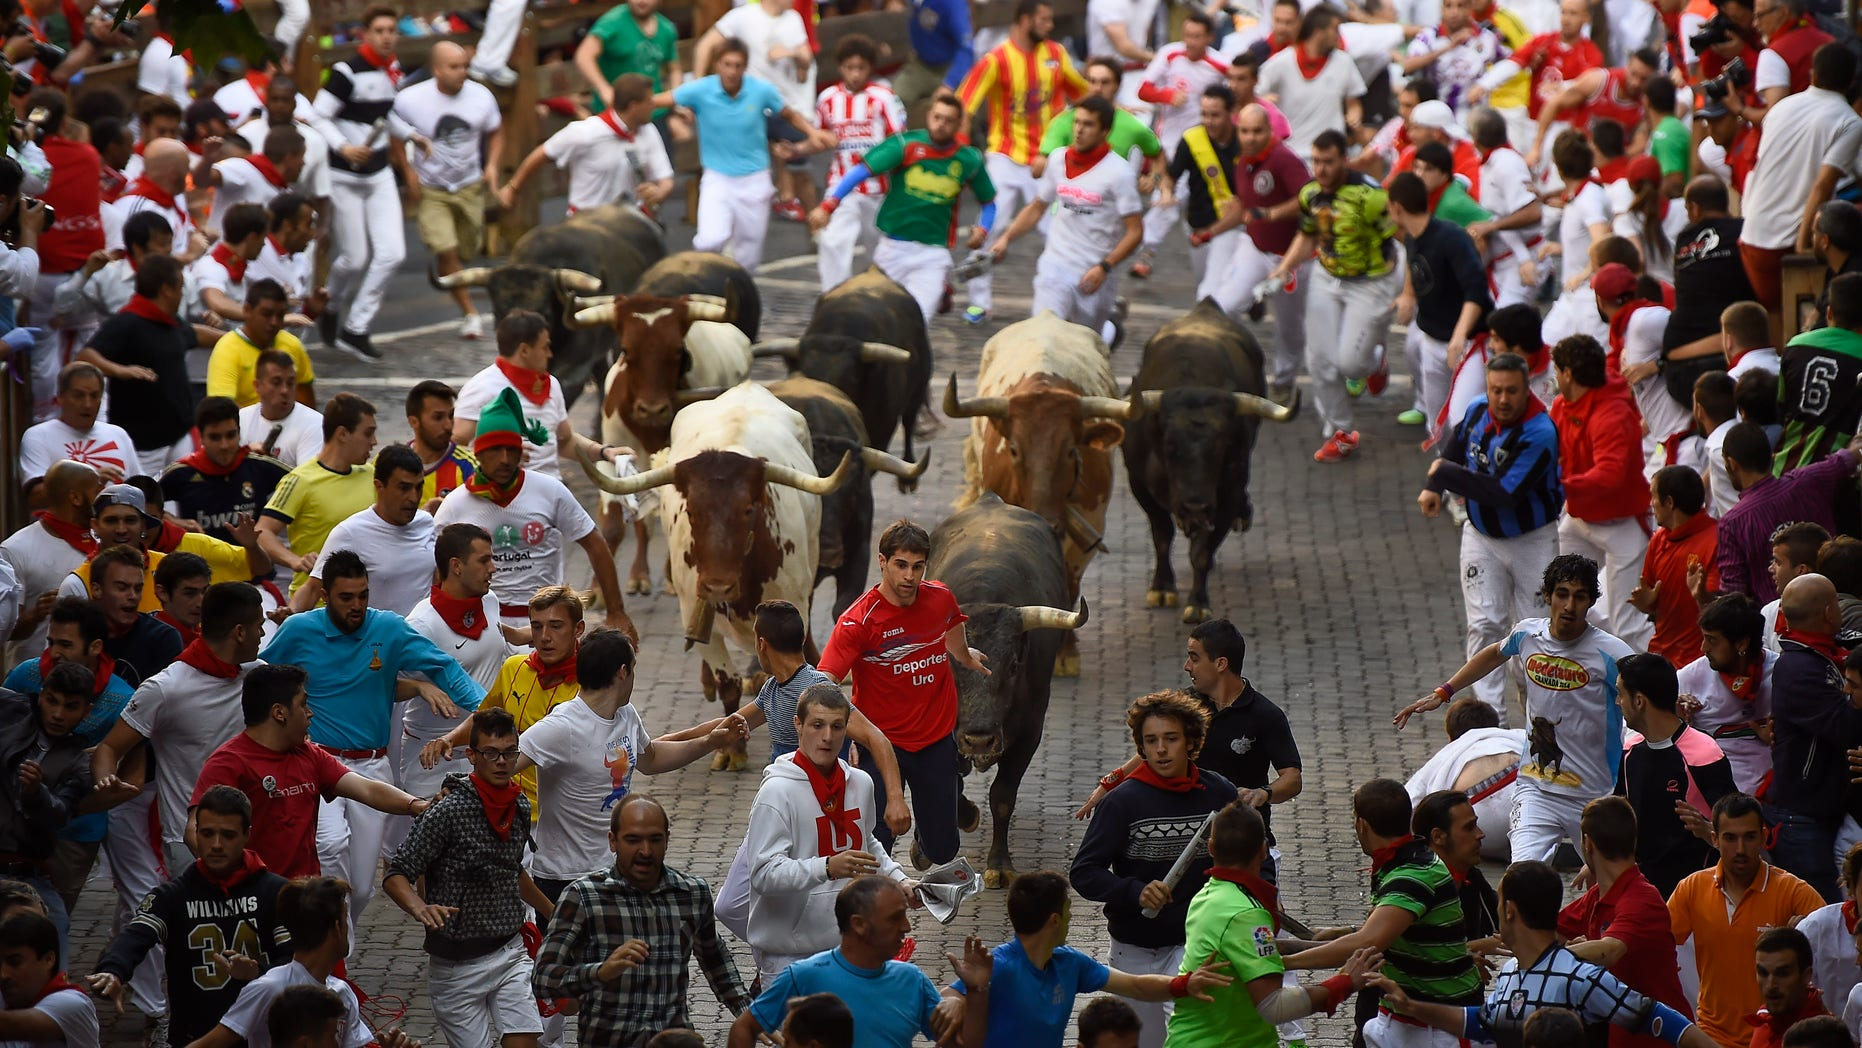 San Fermin Festival in Pamplona, Spain, Tuesday, July 14, 2015.